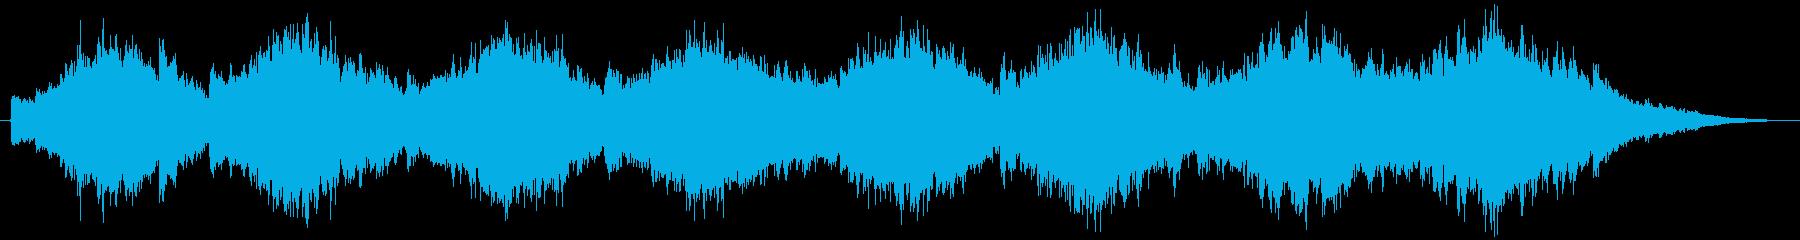 現代的 交響曲 エレクトロ モダン...の再生済みの波形